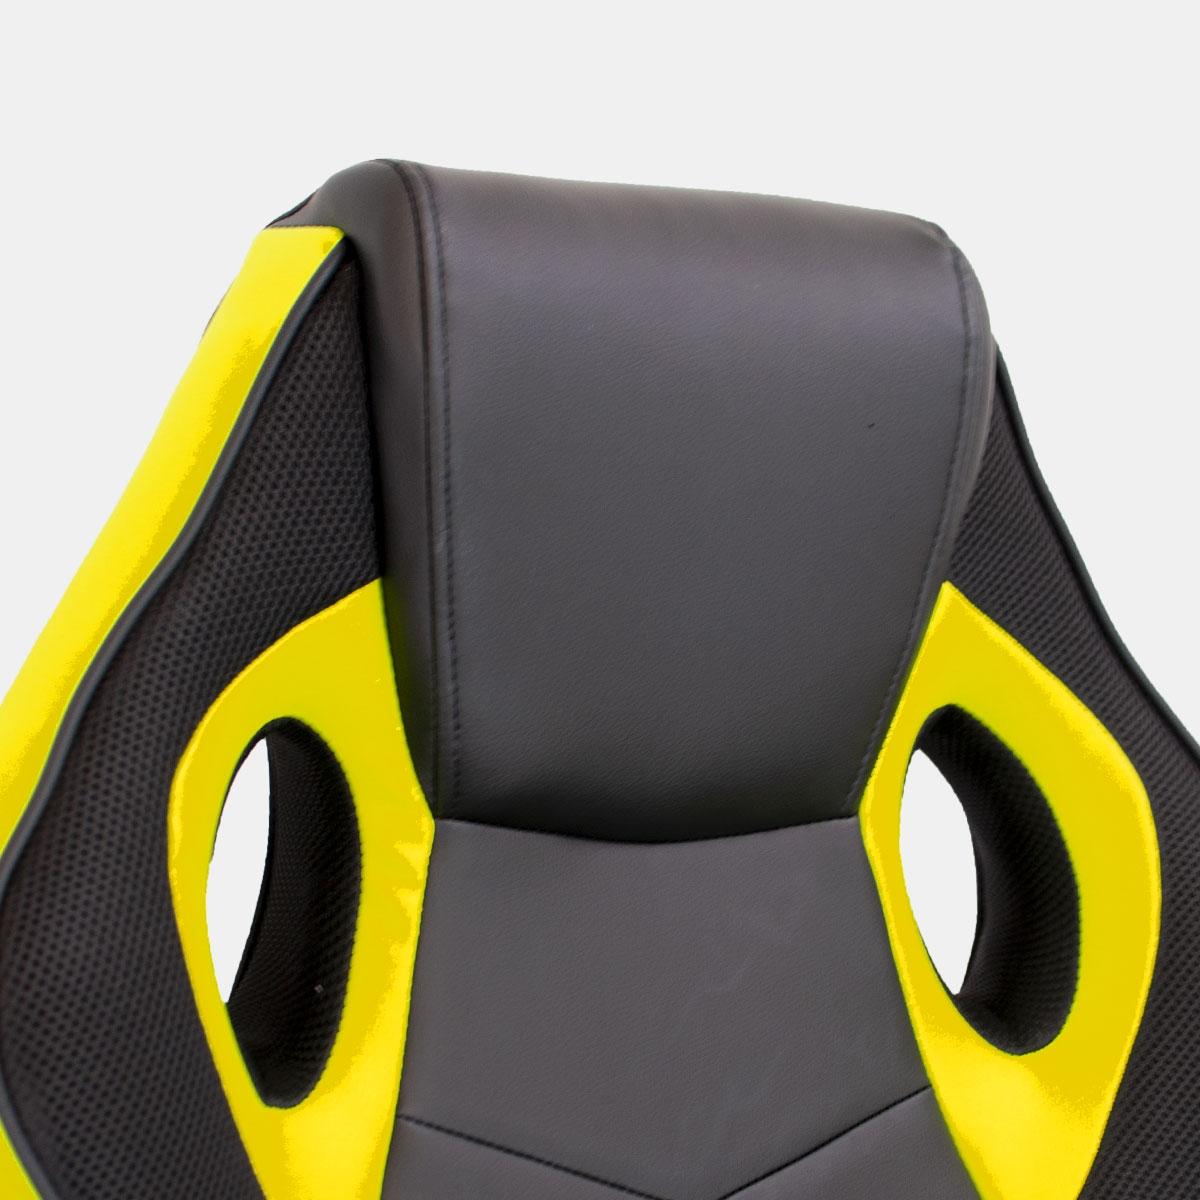 miniatura 63 - Sedia Poltrona da Gaming per Ufficio reclinabile Imbottita ergonomica GTX RTX